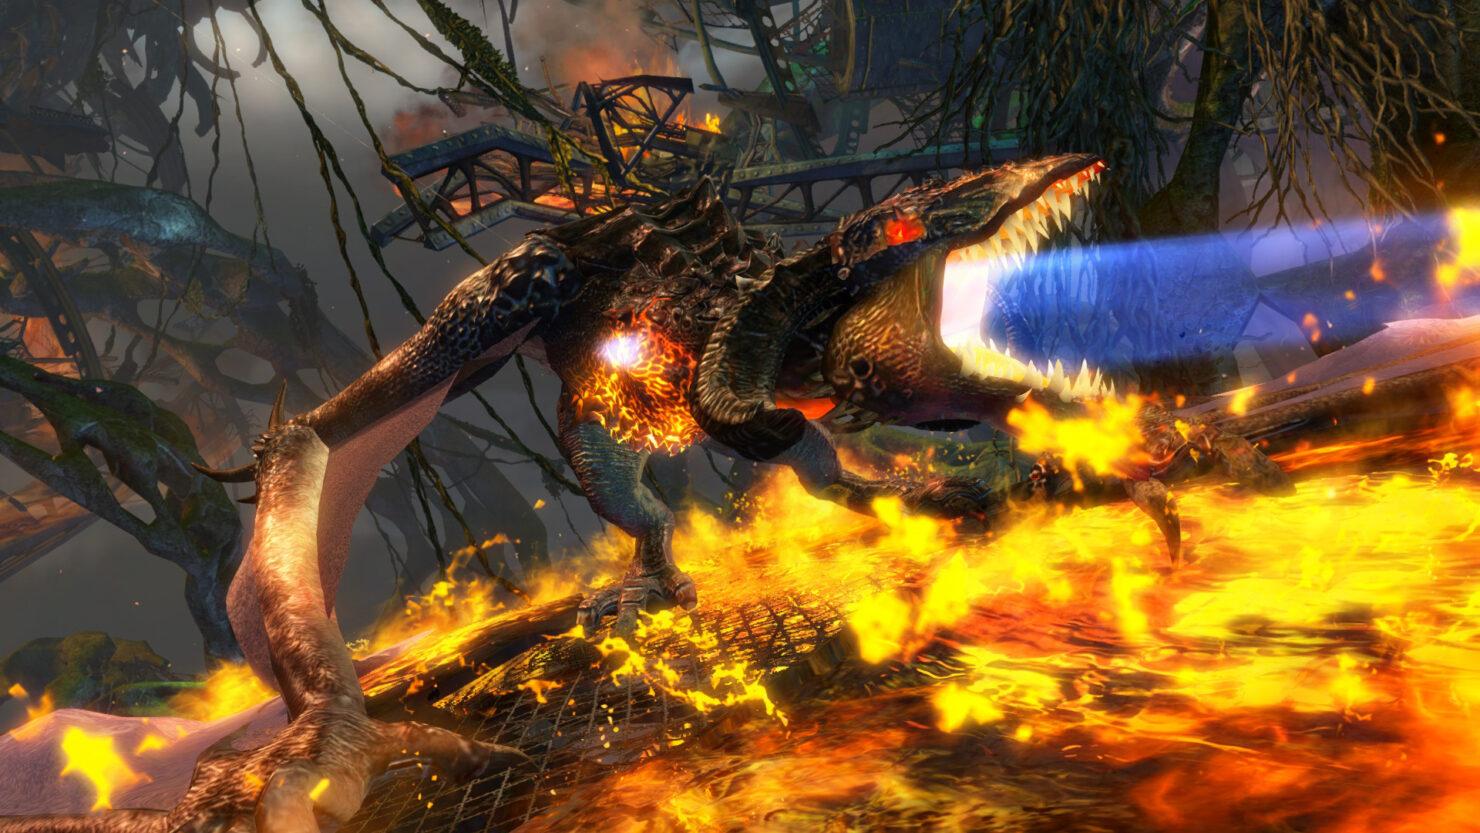 gw2_hot_10_2015_burning-chest